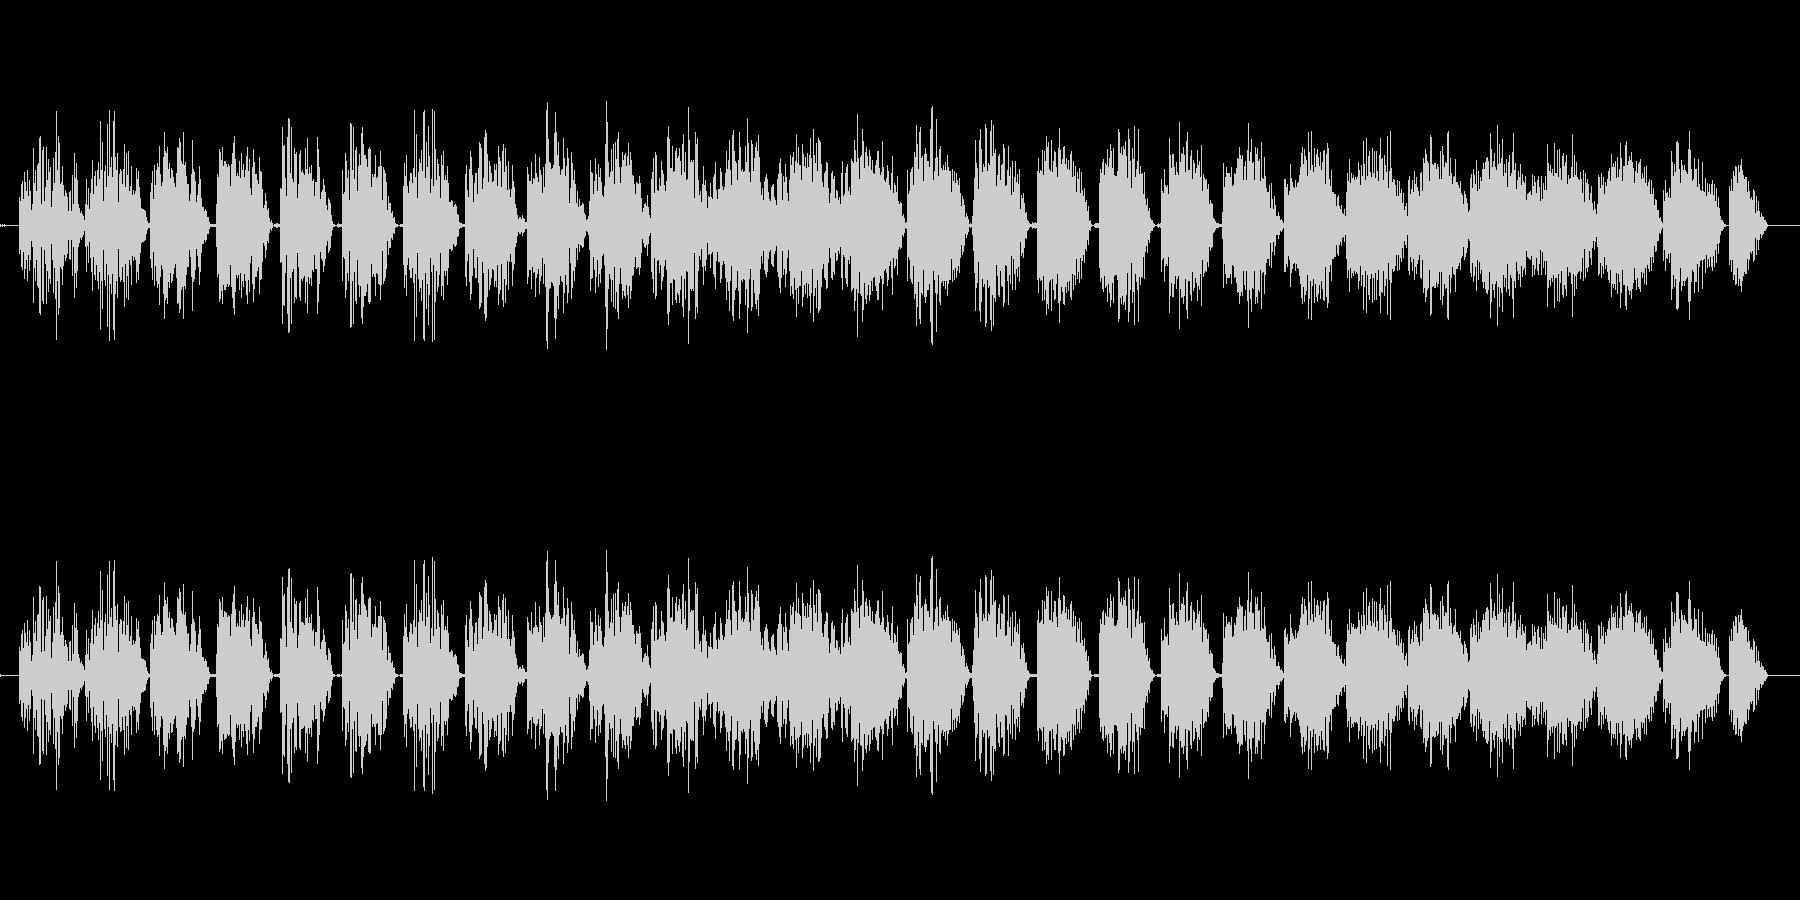 ステータスアップ(プラスのイメージ)の未再生の波形